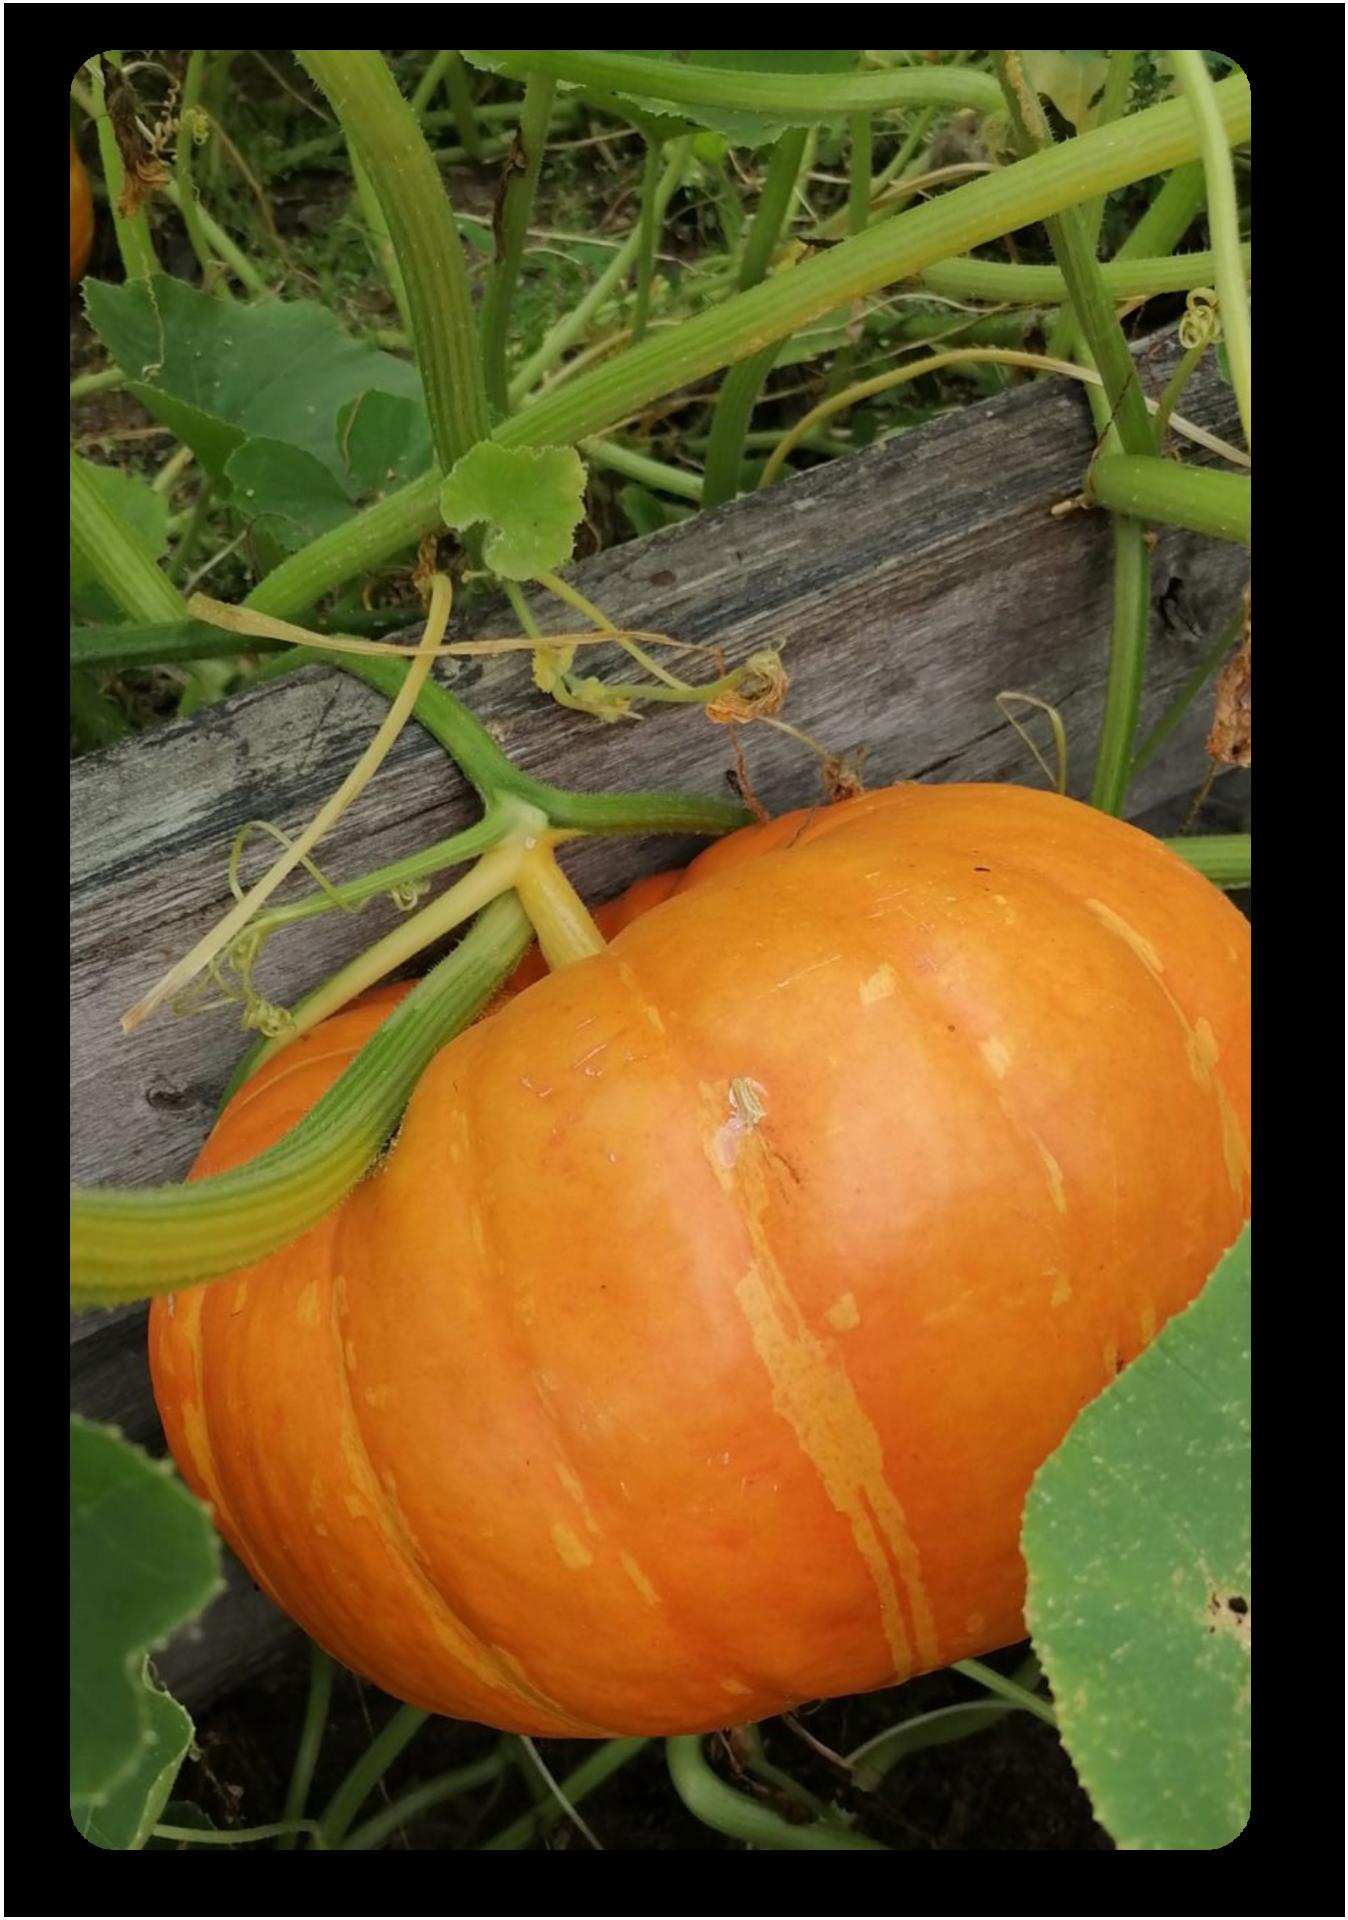 А это упитанные красавицы Лидии Линниковой. В один урожайный год она собрала с бахчи около 60 тыкв. Были увесистые экземпляры до 6 кг.